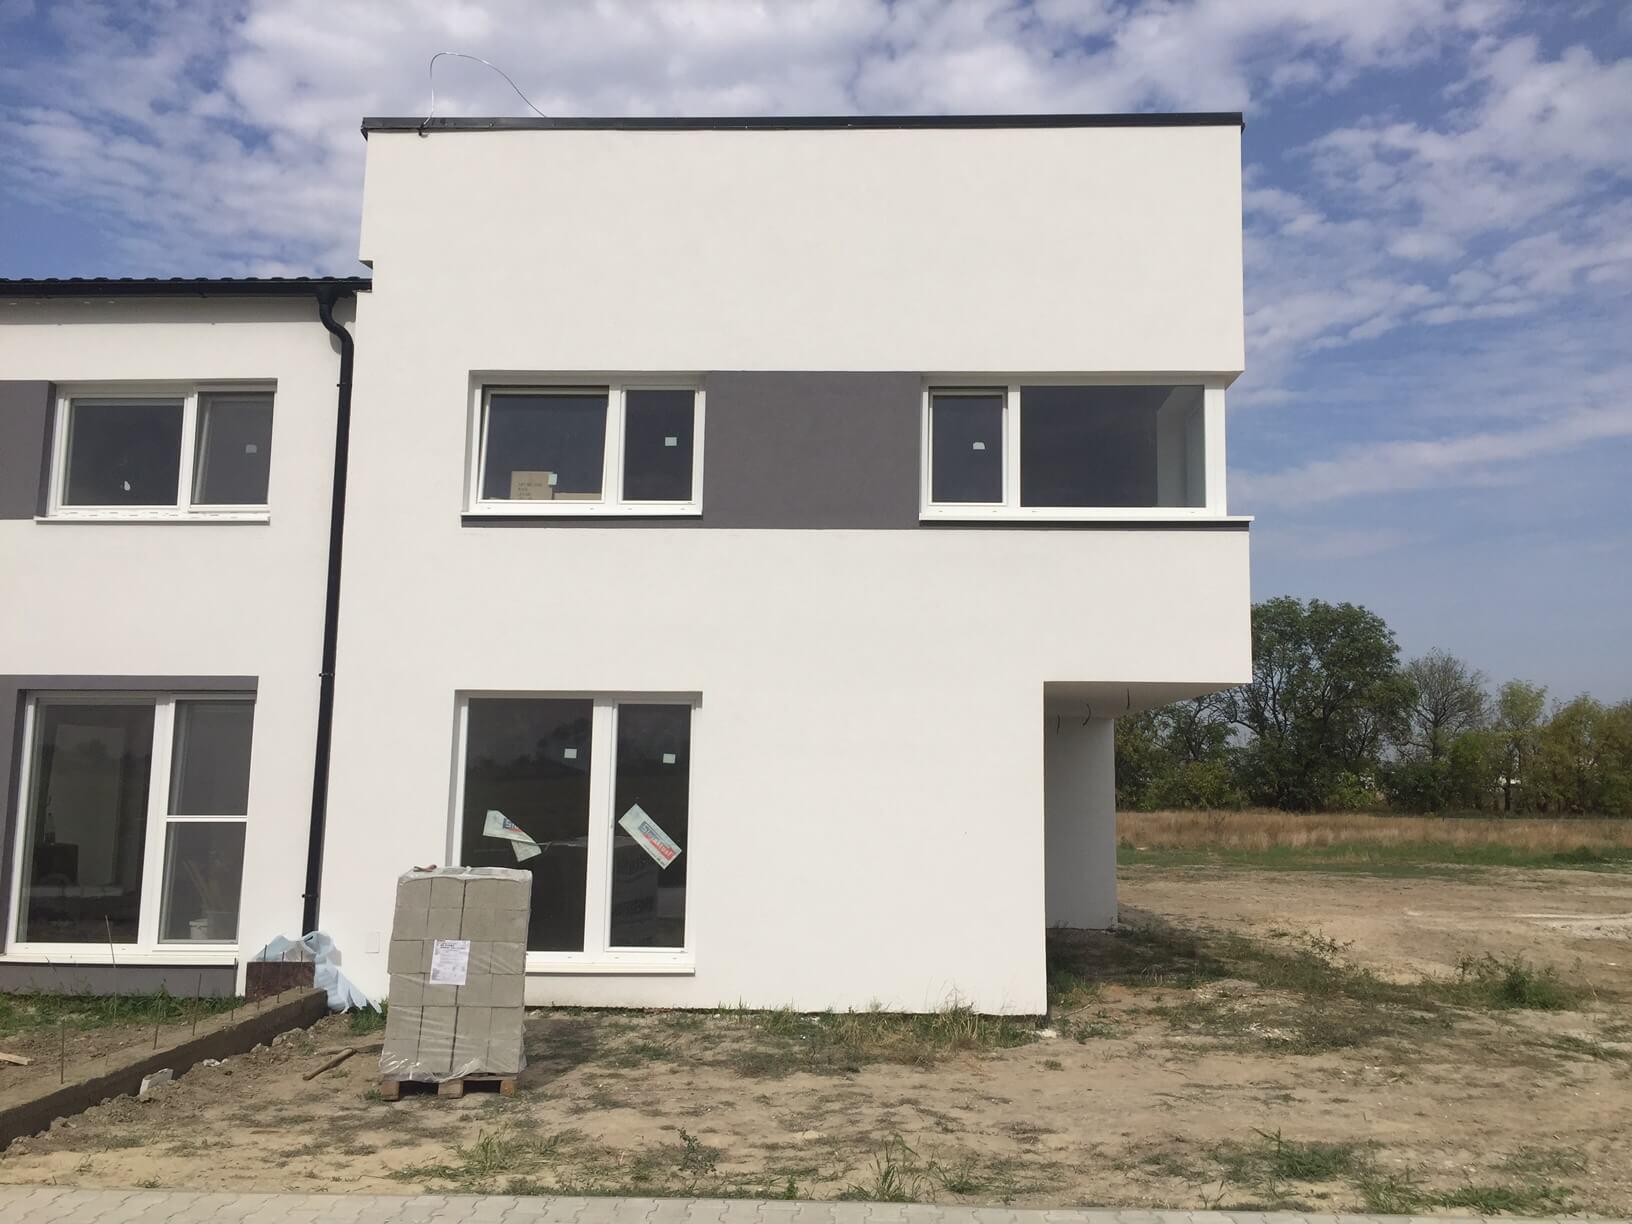 Predané: Posledný Rodinný dom v Dunajskej Lužnej v tichej lokalite, pri Košariskách, pri vlaku, 106m2, pozemok 422m2-3